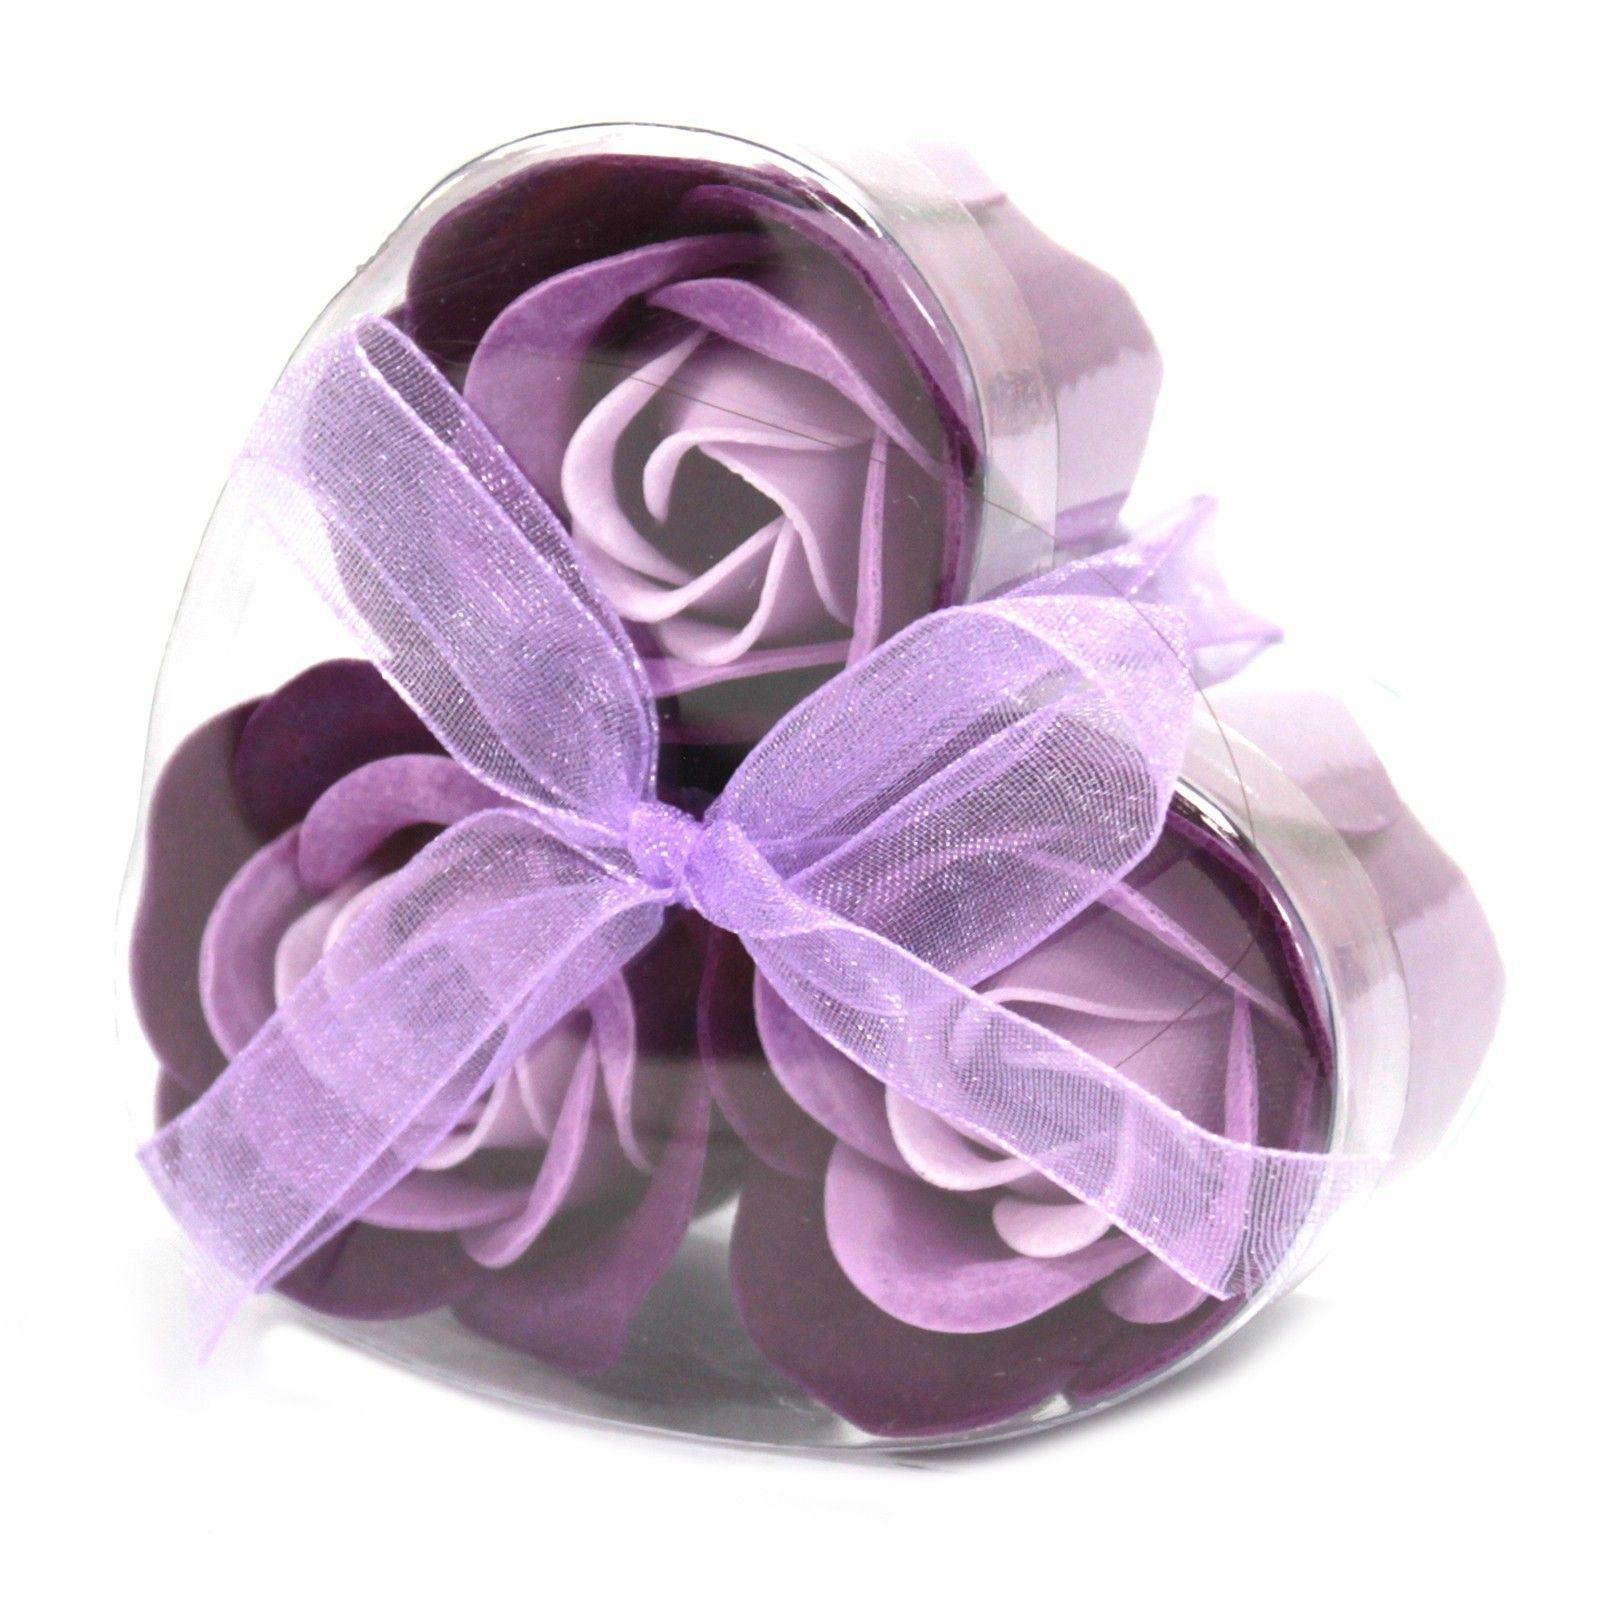 Sada 3 Mýdlových Květů - Levandulové Růže AWGifts